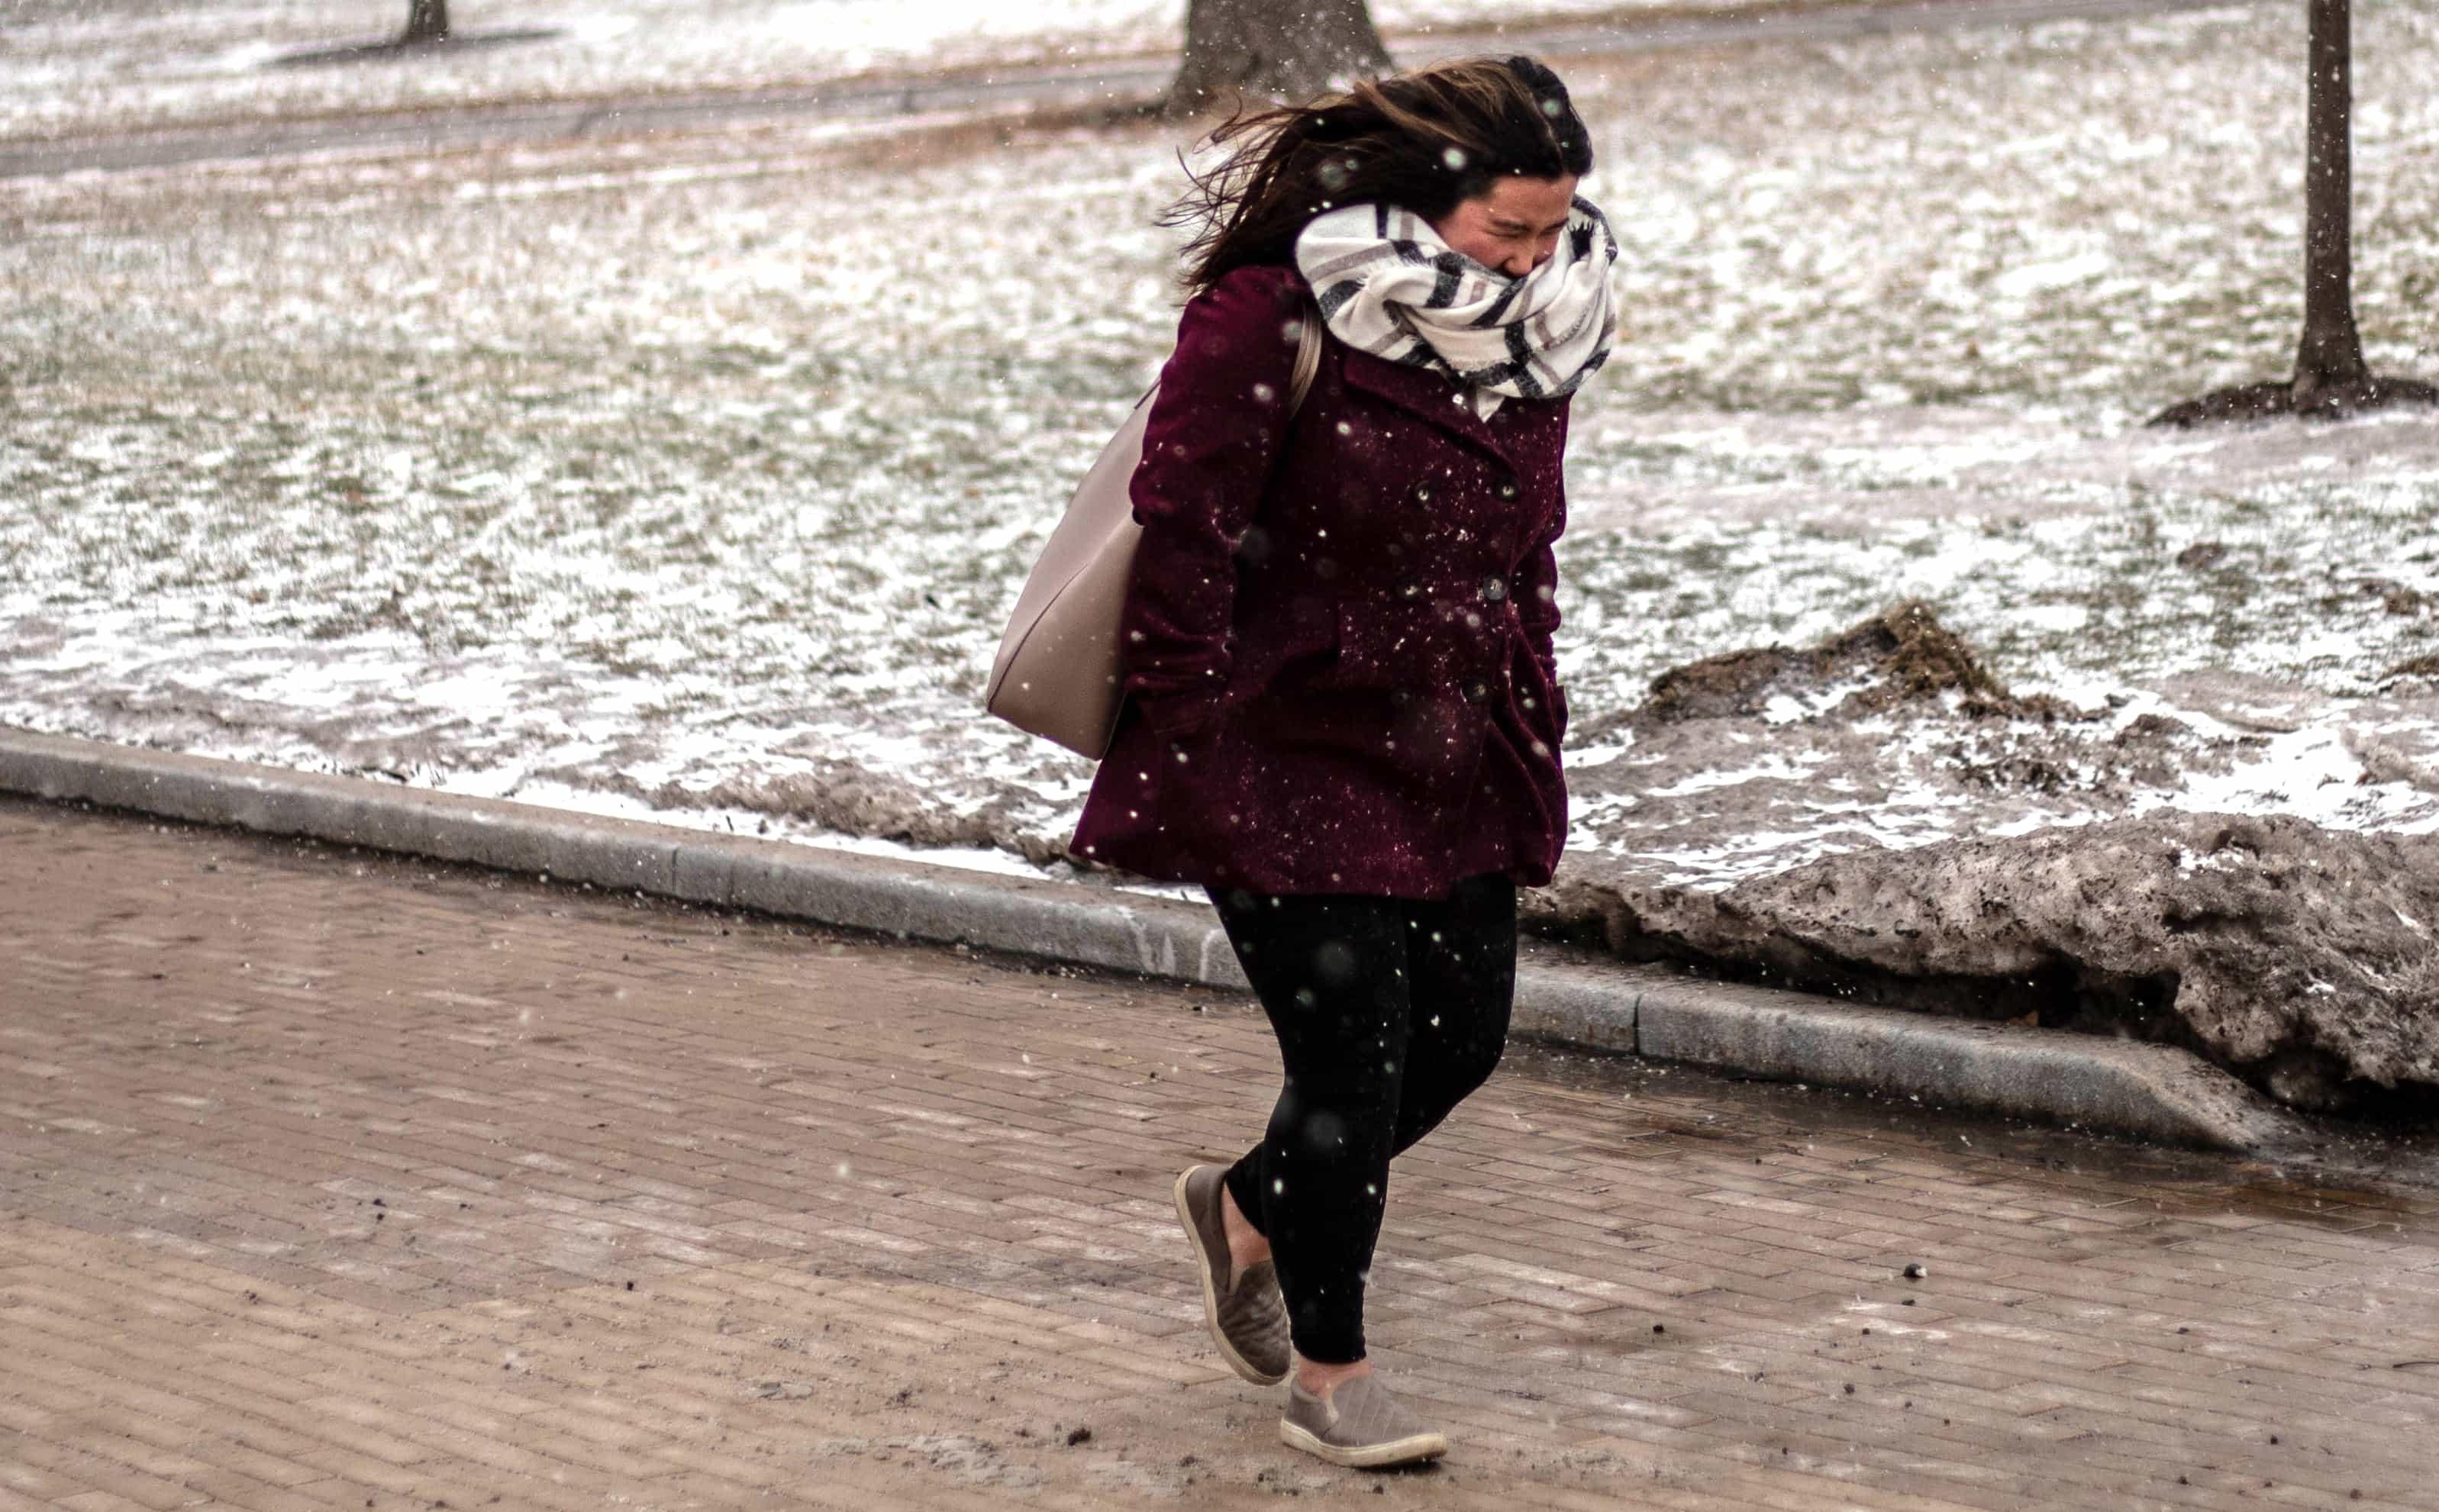 SU wind on Feb. 25